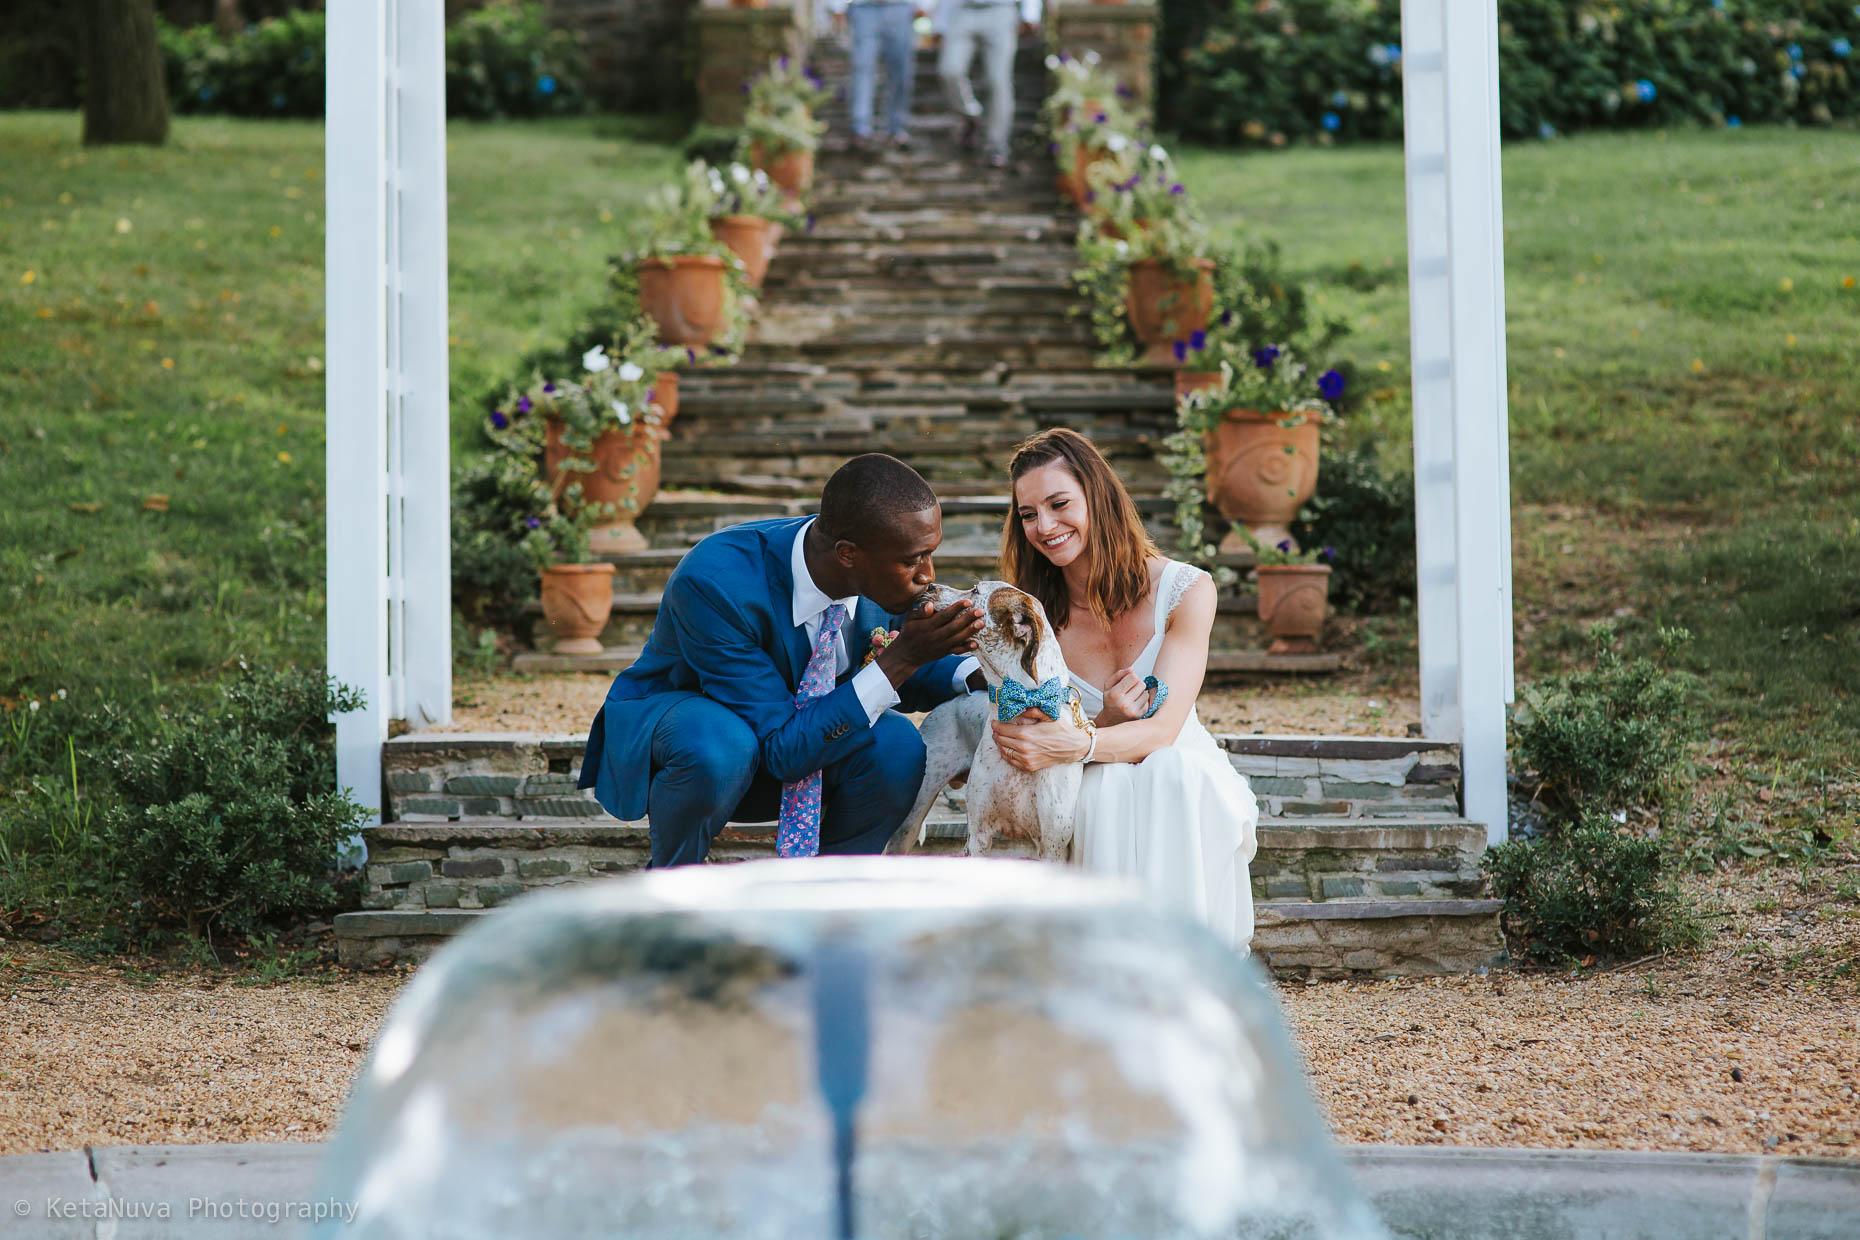 Sunken Garden - Lauxmont Farms Wedding   Aubrey & Barrett Lauxmont Farms Wedding Sunken Garden37